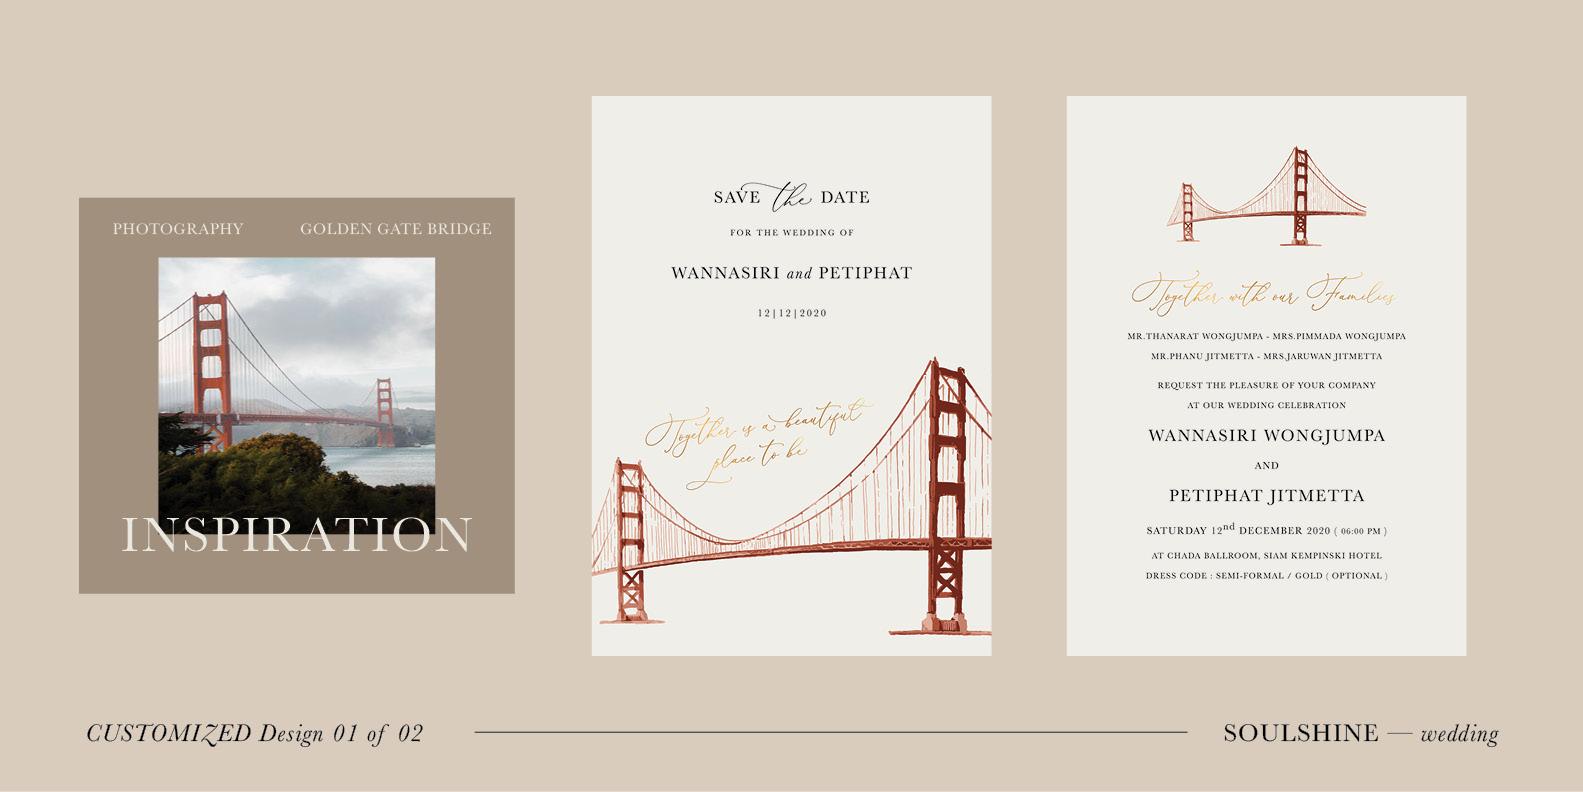 ออกแบบการ์ดแต่งงาน พิมพ์การ์ดแต่งงาน มินิมอล สไตล์เรียบหรู สวยๆ แนววินเทจ เก๋ๆ ปรับแก้แบบการ์ด customized 01